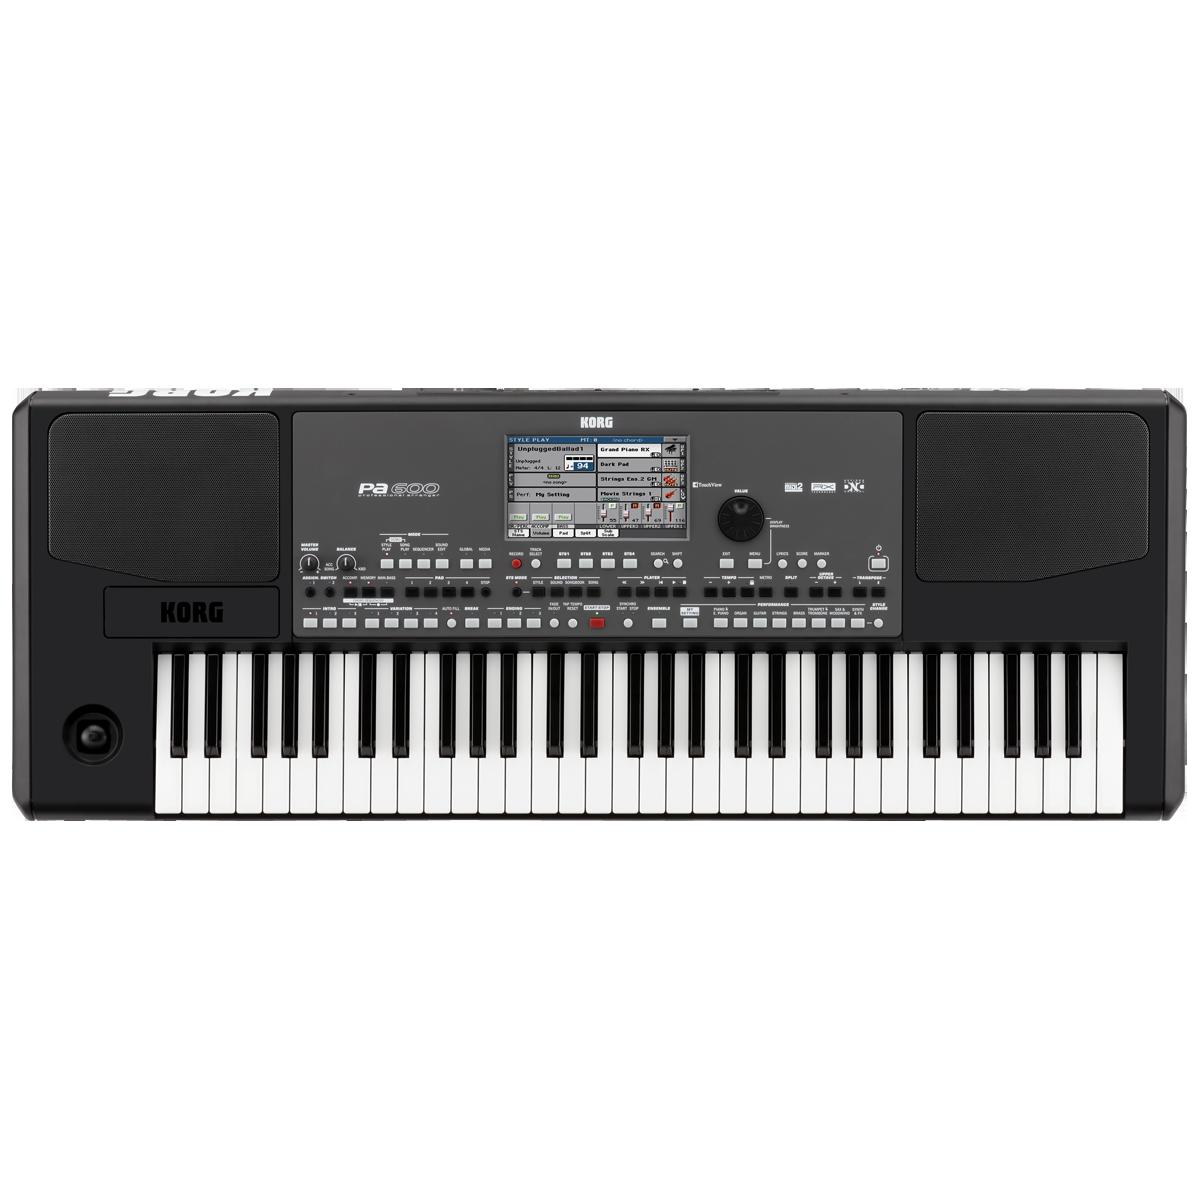 Billede af Korg PA-600 keyboard sort